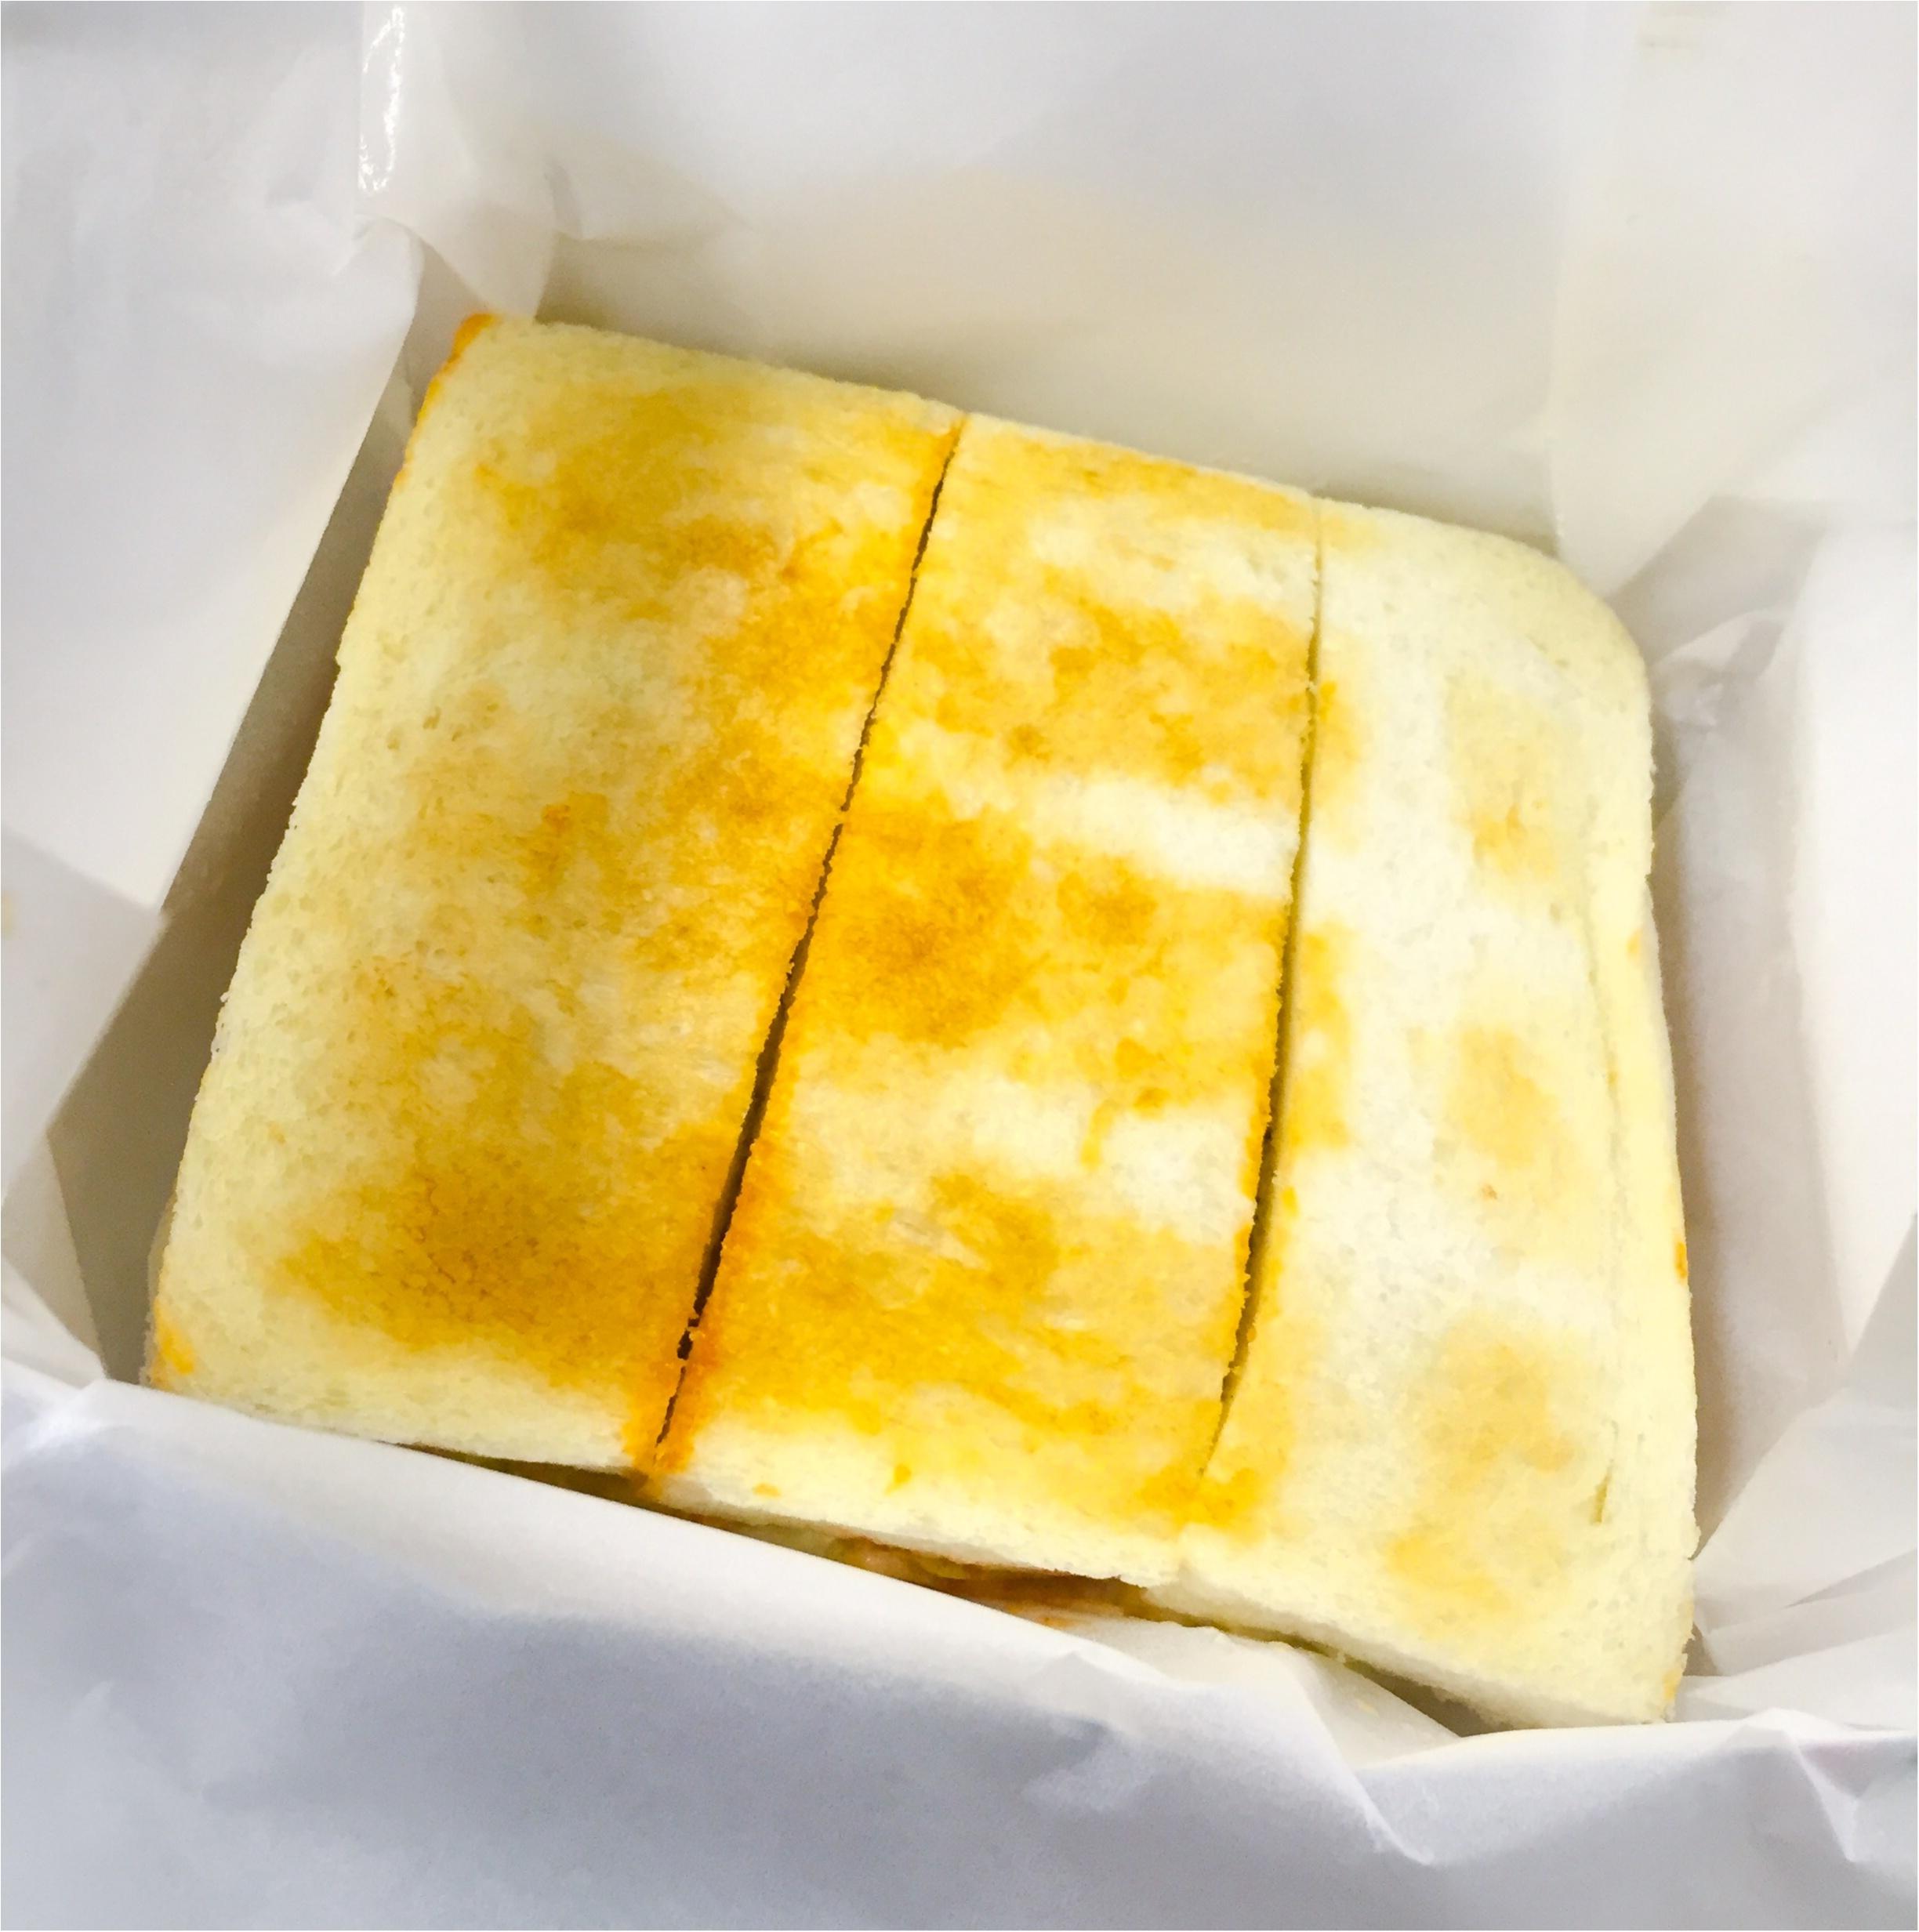 【名古屋めし】1番美味しいサンドウィッチはこれだ!【駅チカ】_3